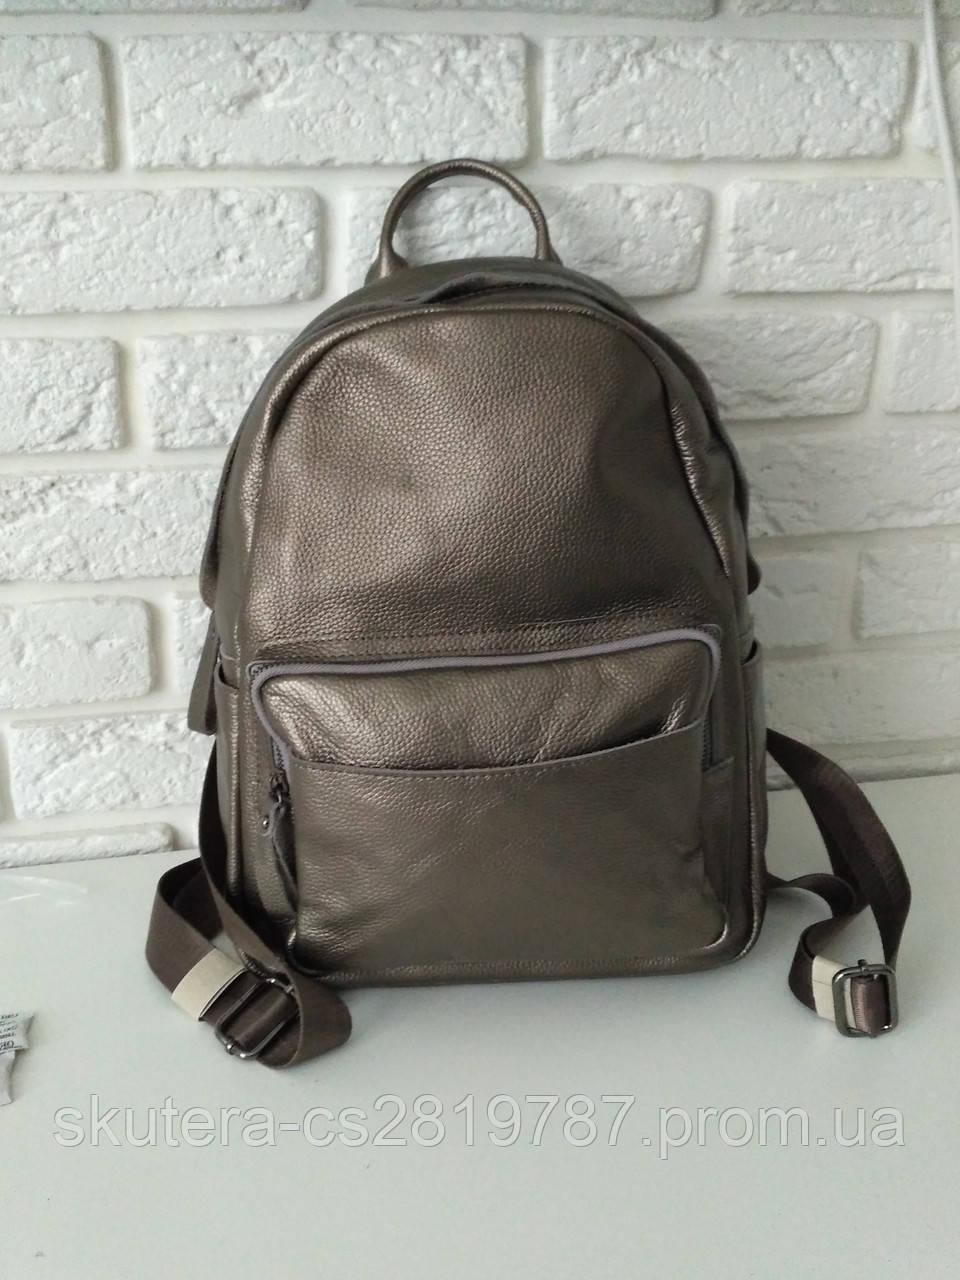 a7dd8c7fdb8b Вместительный женский кожаный рюкзак